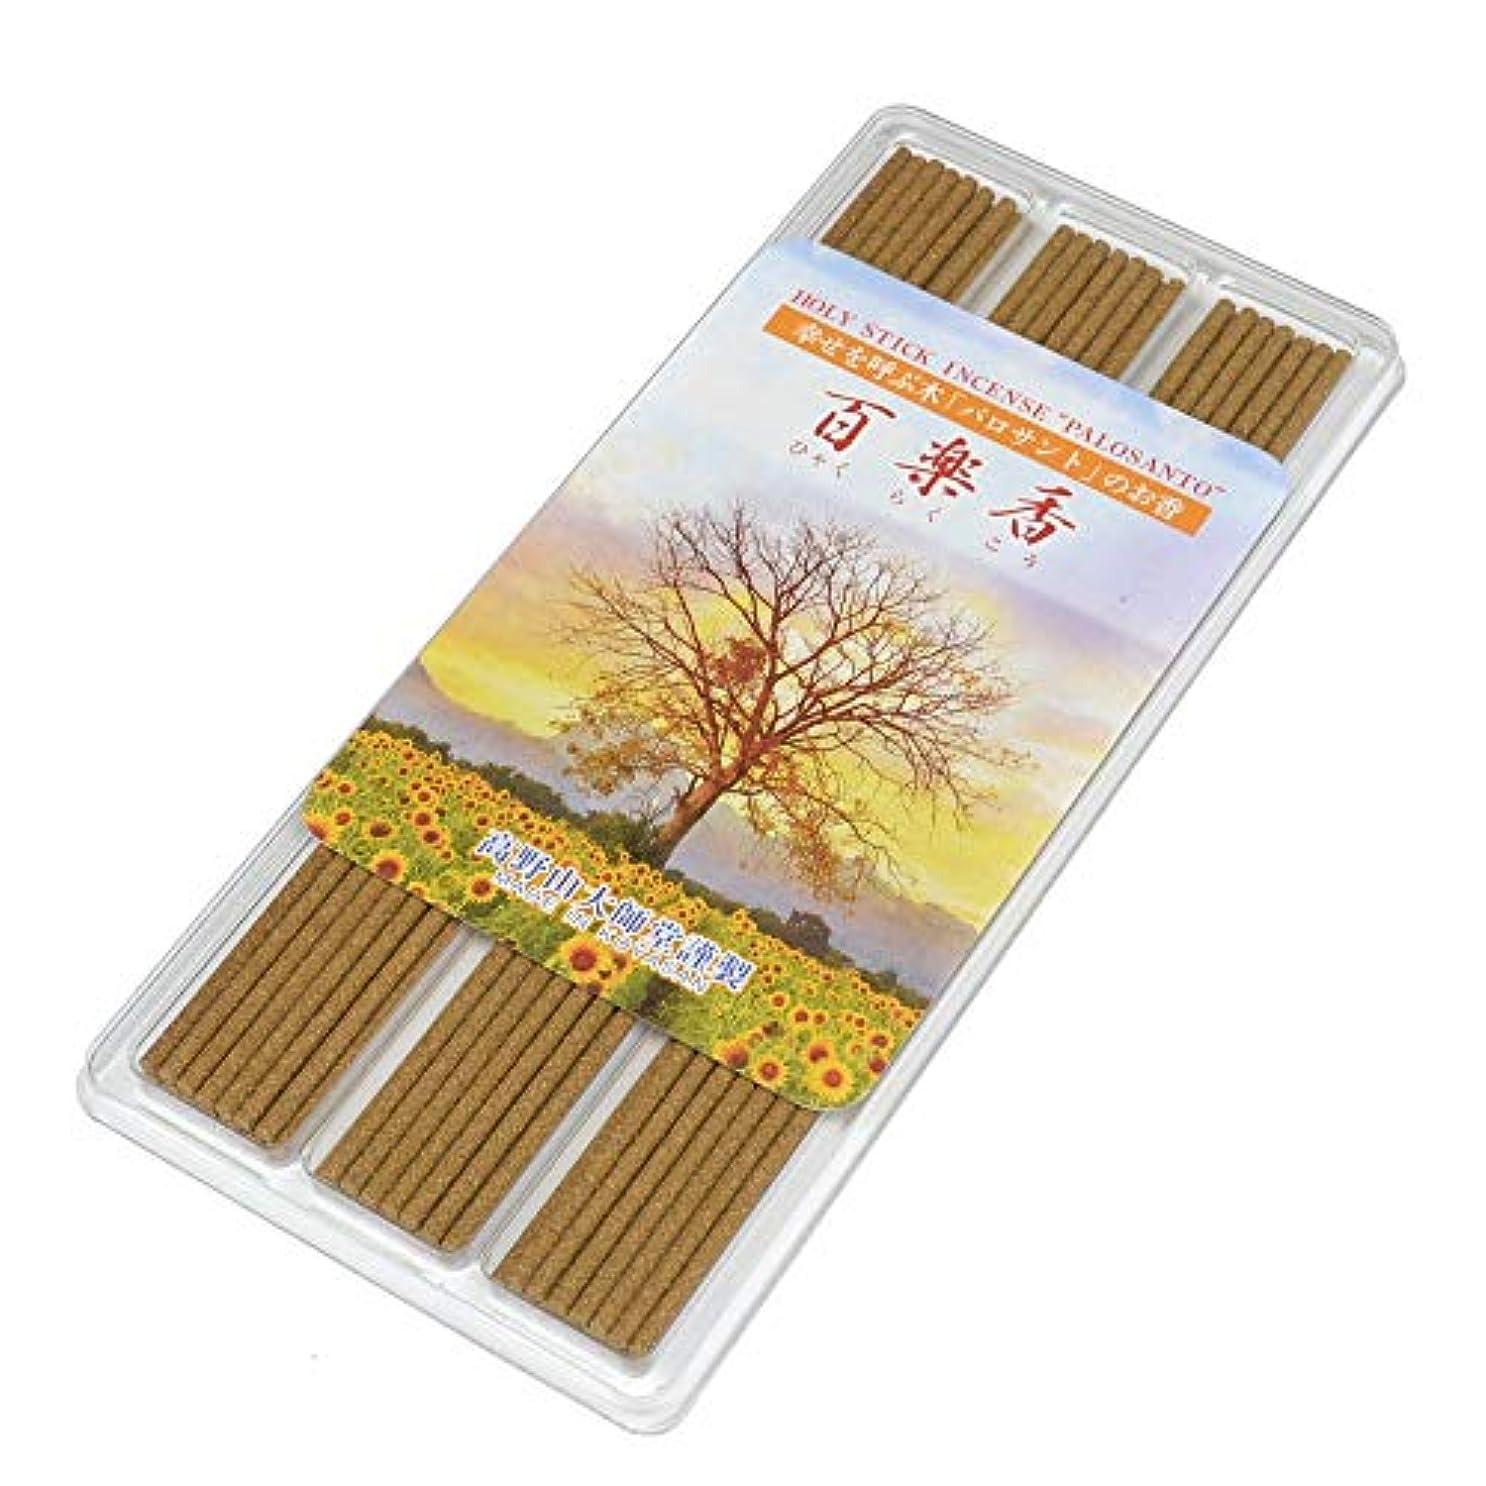 アルカイック果てしないコミュニケーション幸運の木「パロサント」のお香【徳用】Palo Santo Incense